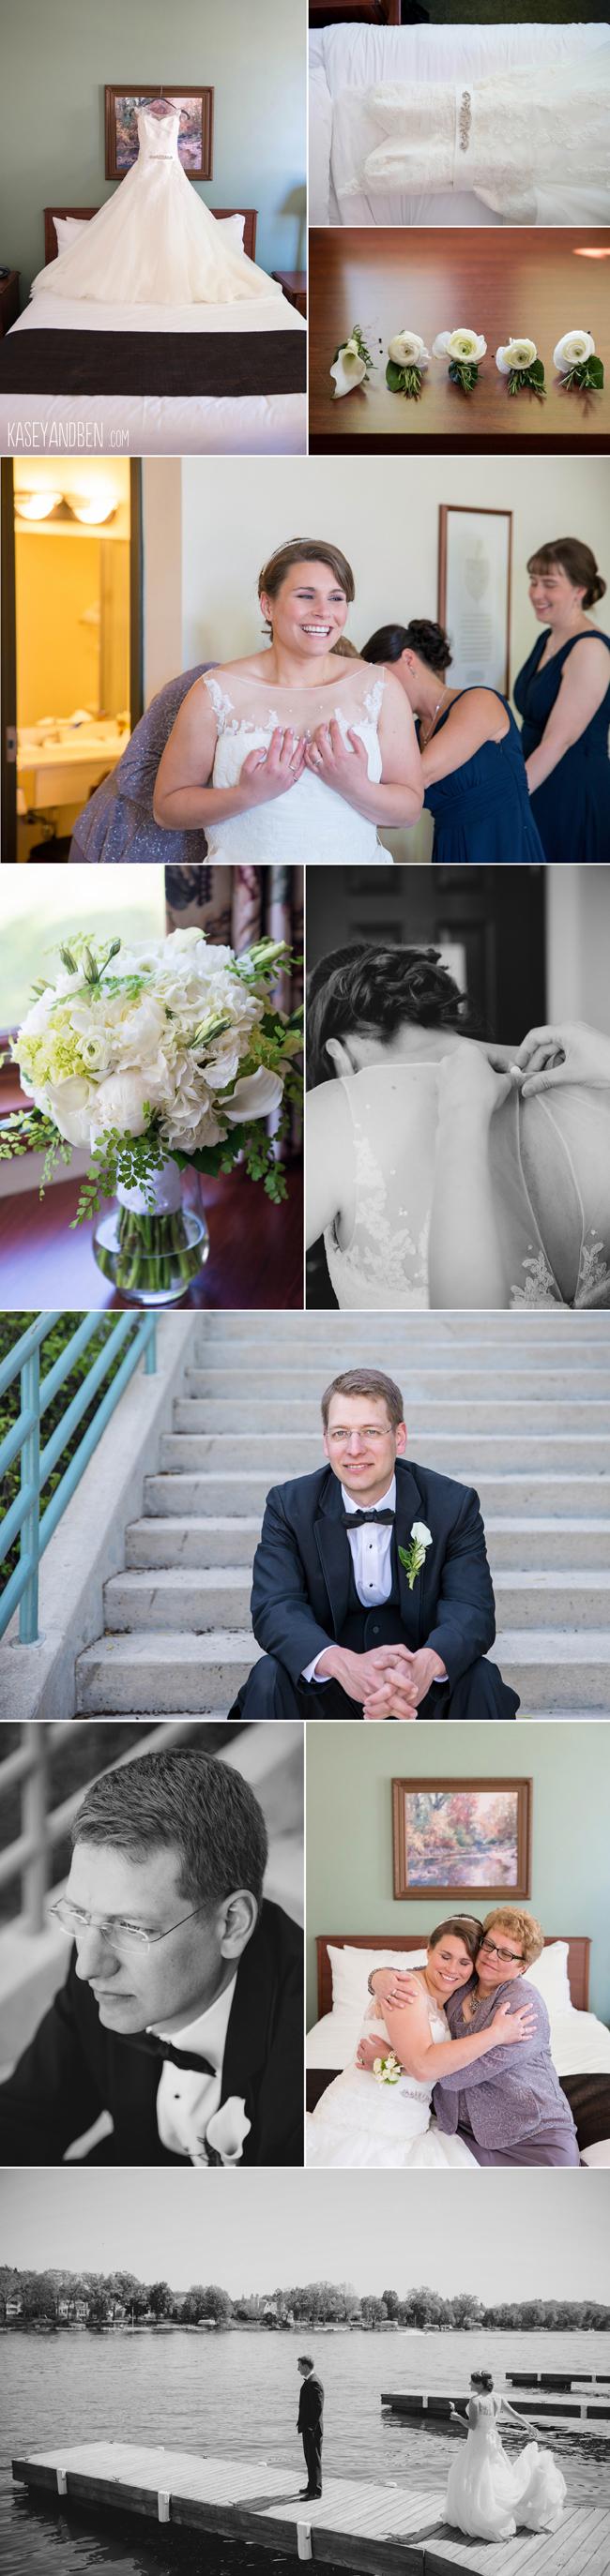 St-Norbert-Wedding-Photography-De-Pere-Wisconsin-Fox-River-Rowing-Bemis-Center-First-Look-Destination-Center-Kress-Kasey-and-Ben-Green-Bay-1